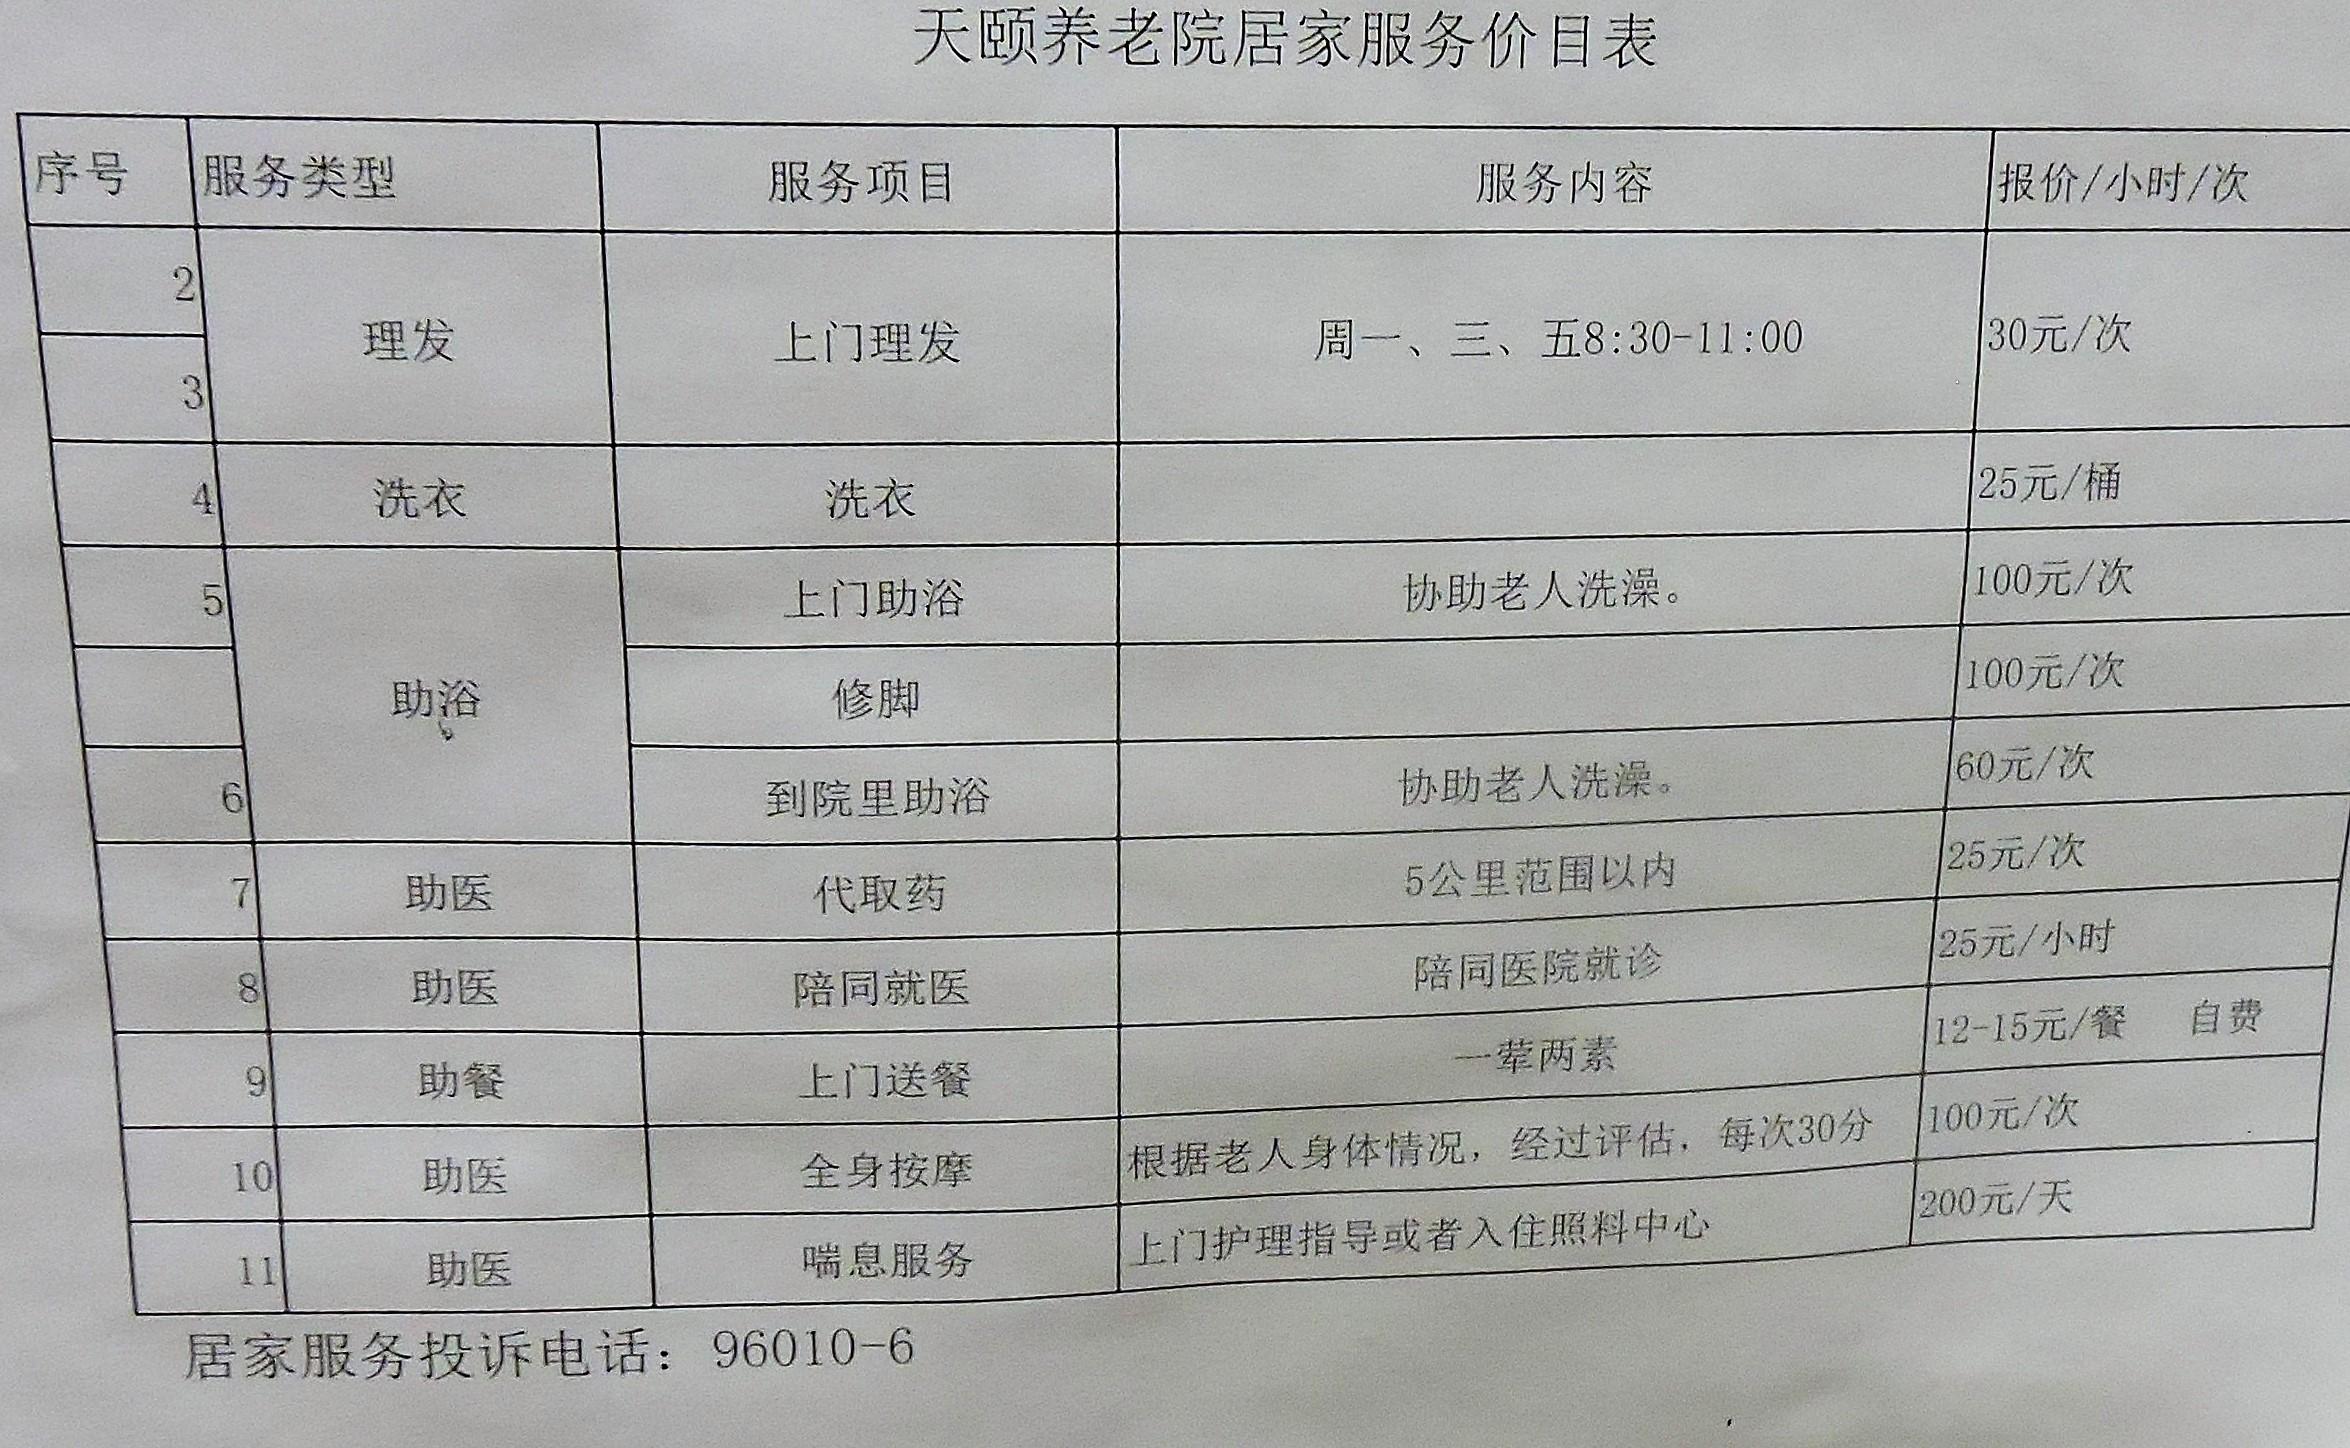 8 DSCN8438.jpg